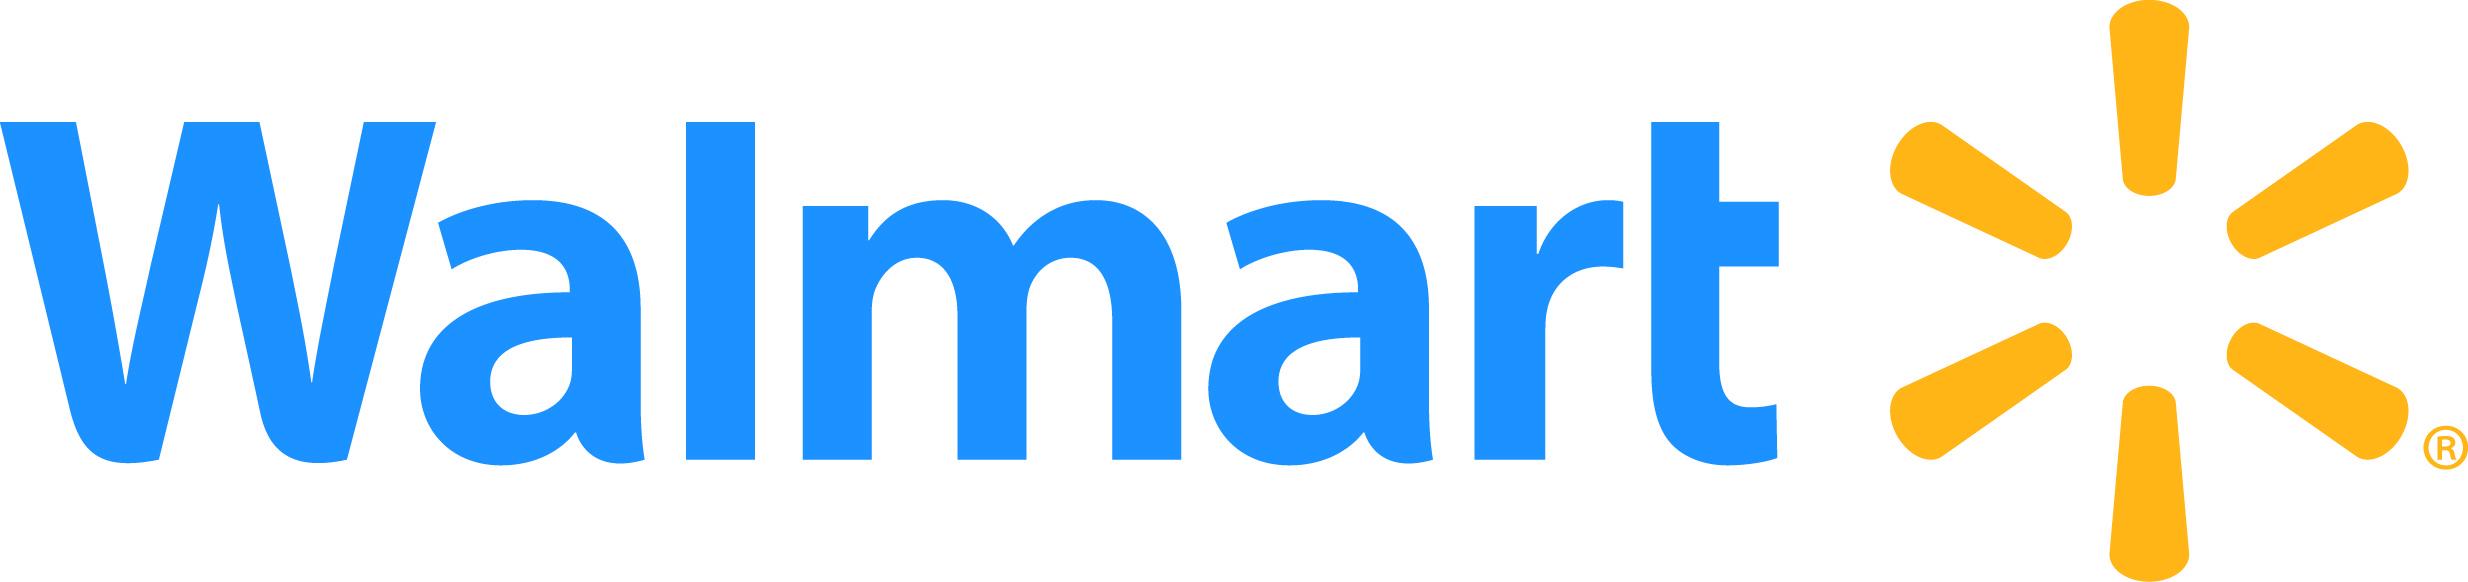 669b1aa879cae721351b_walmart_logo.jpg